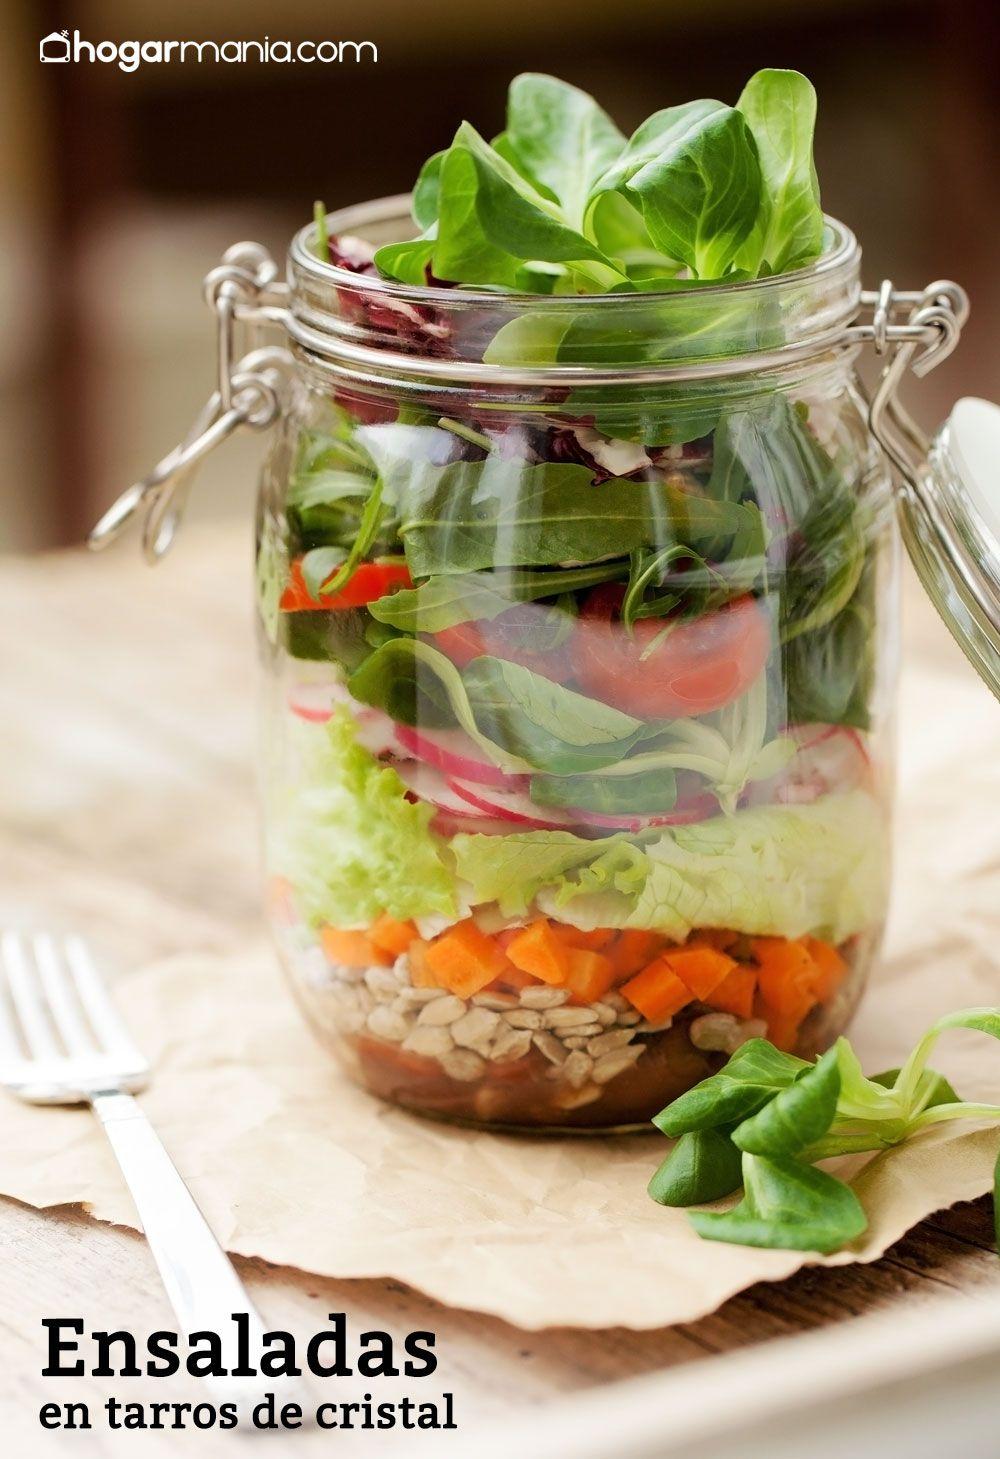 12 ensaladas en tarro de cristal para comer fuera de casa